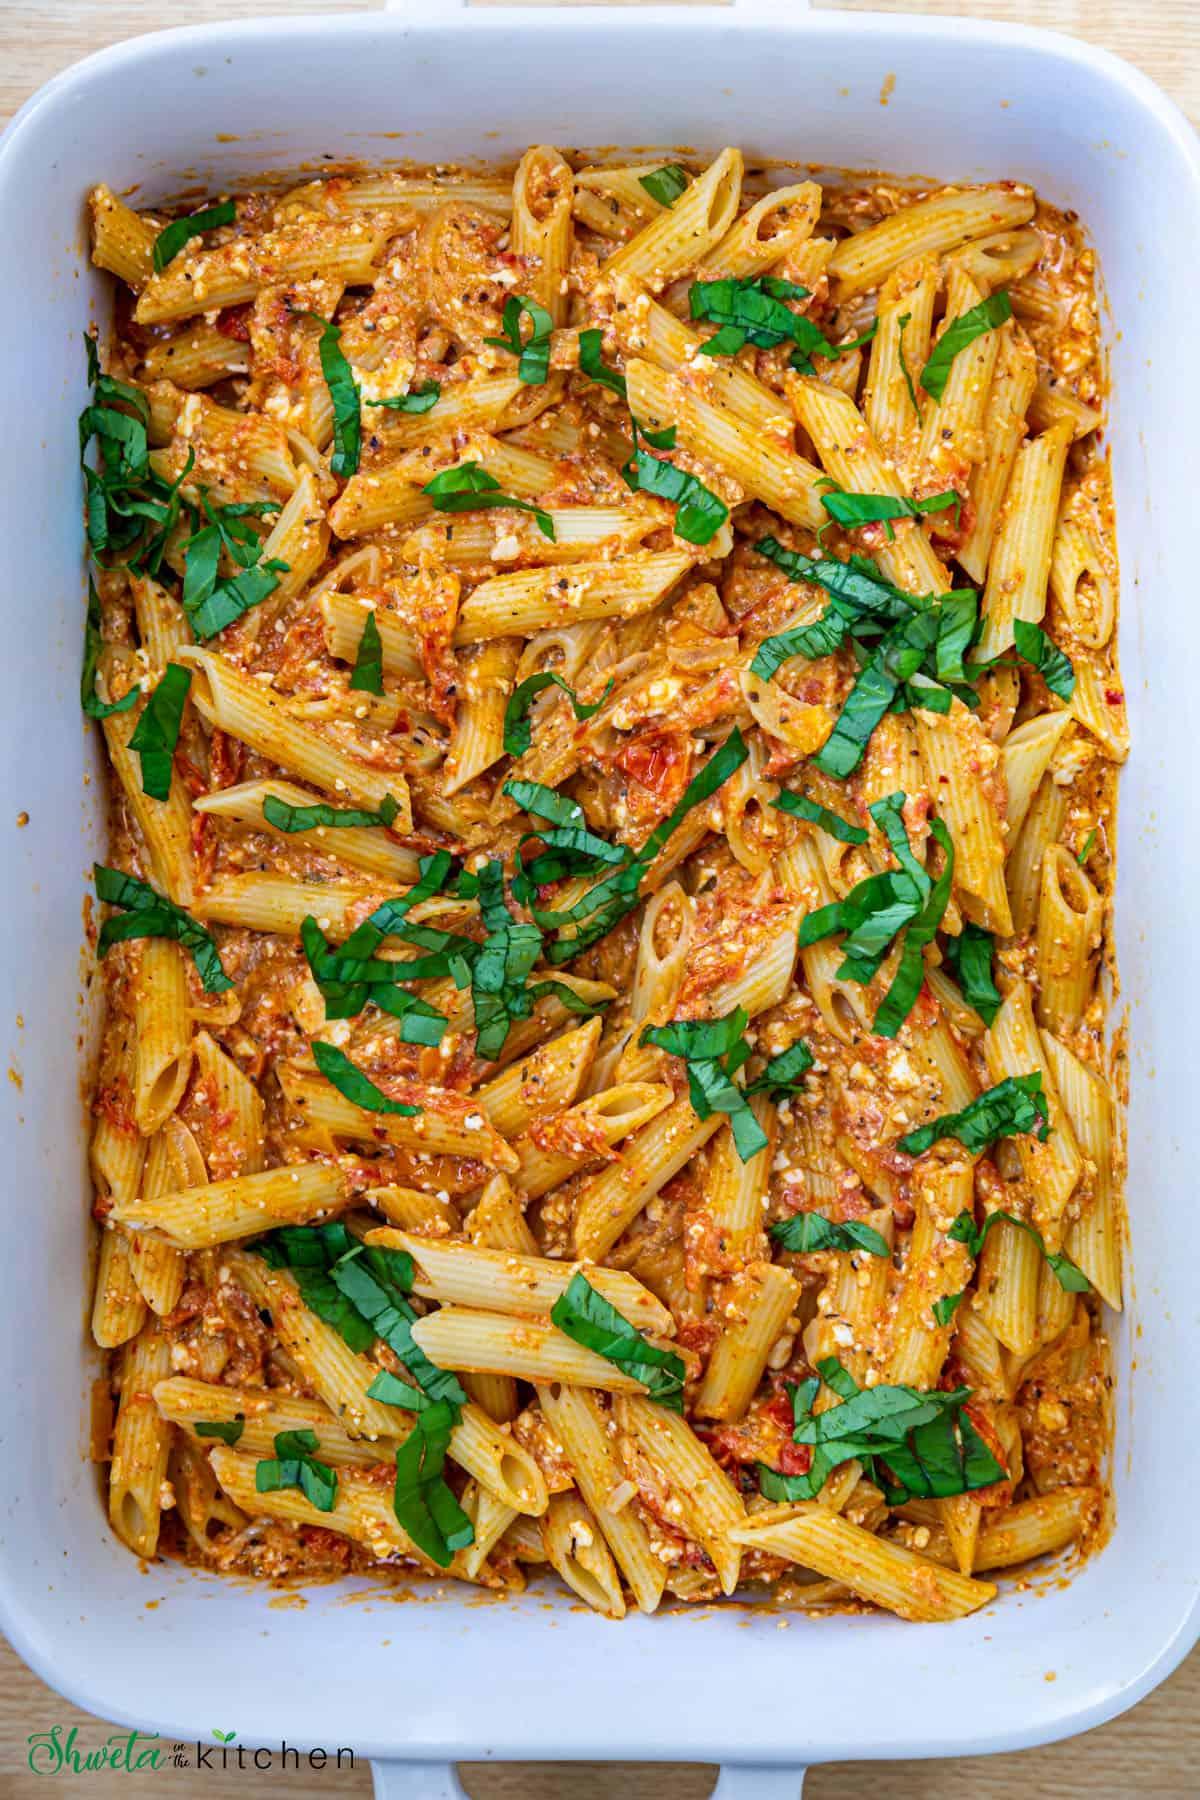 Baking dish full of baked feta pasta garnished with shredded basil